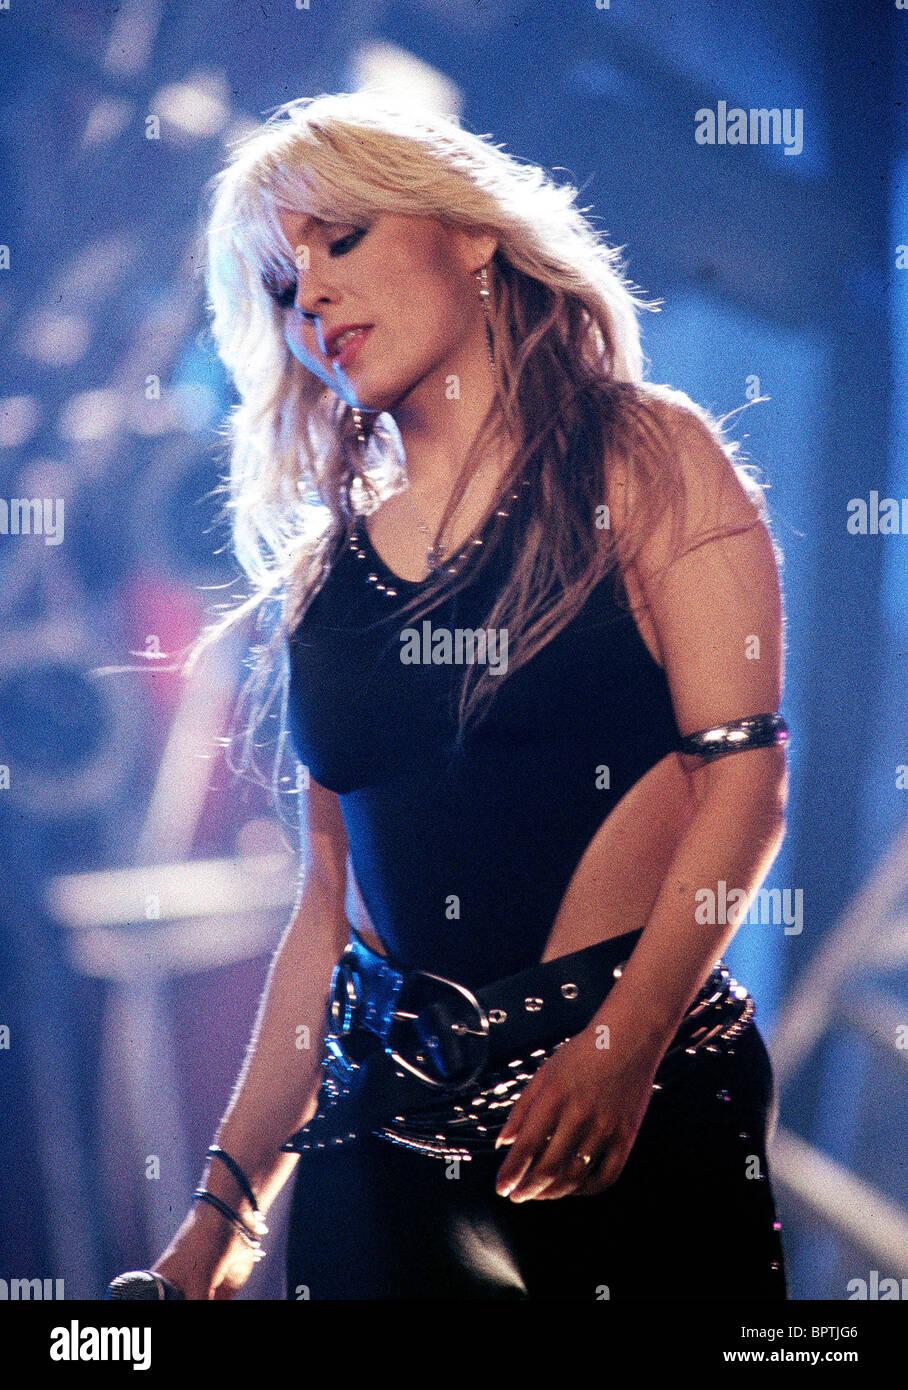 Lita ford singer 1988